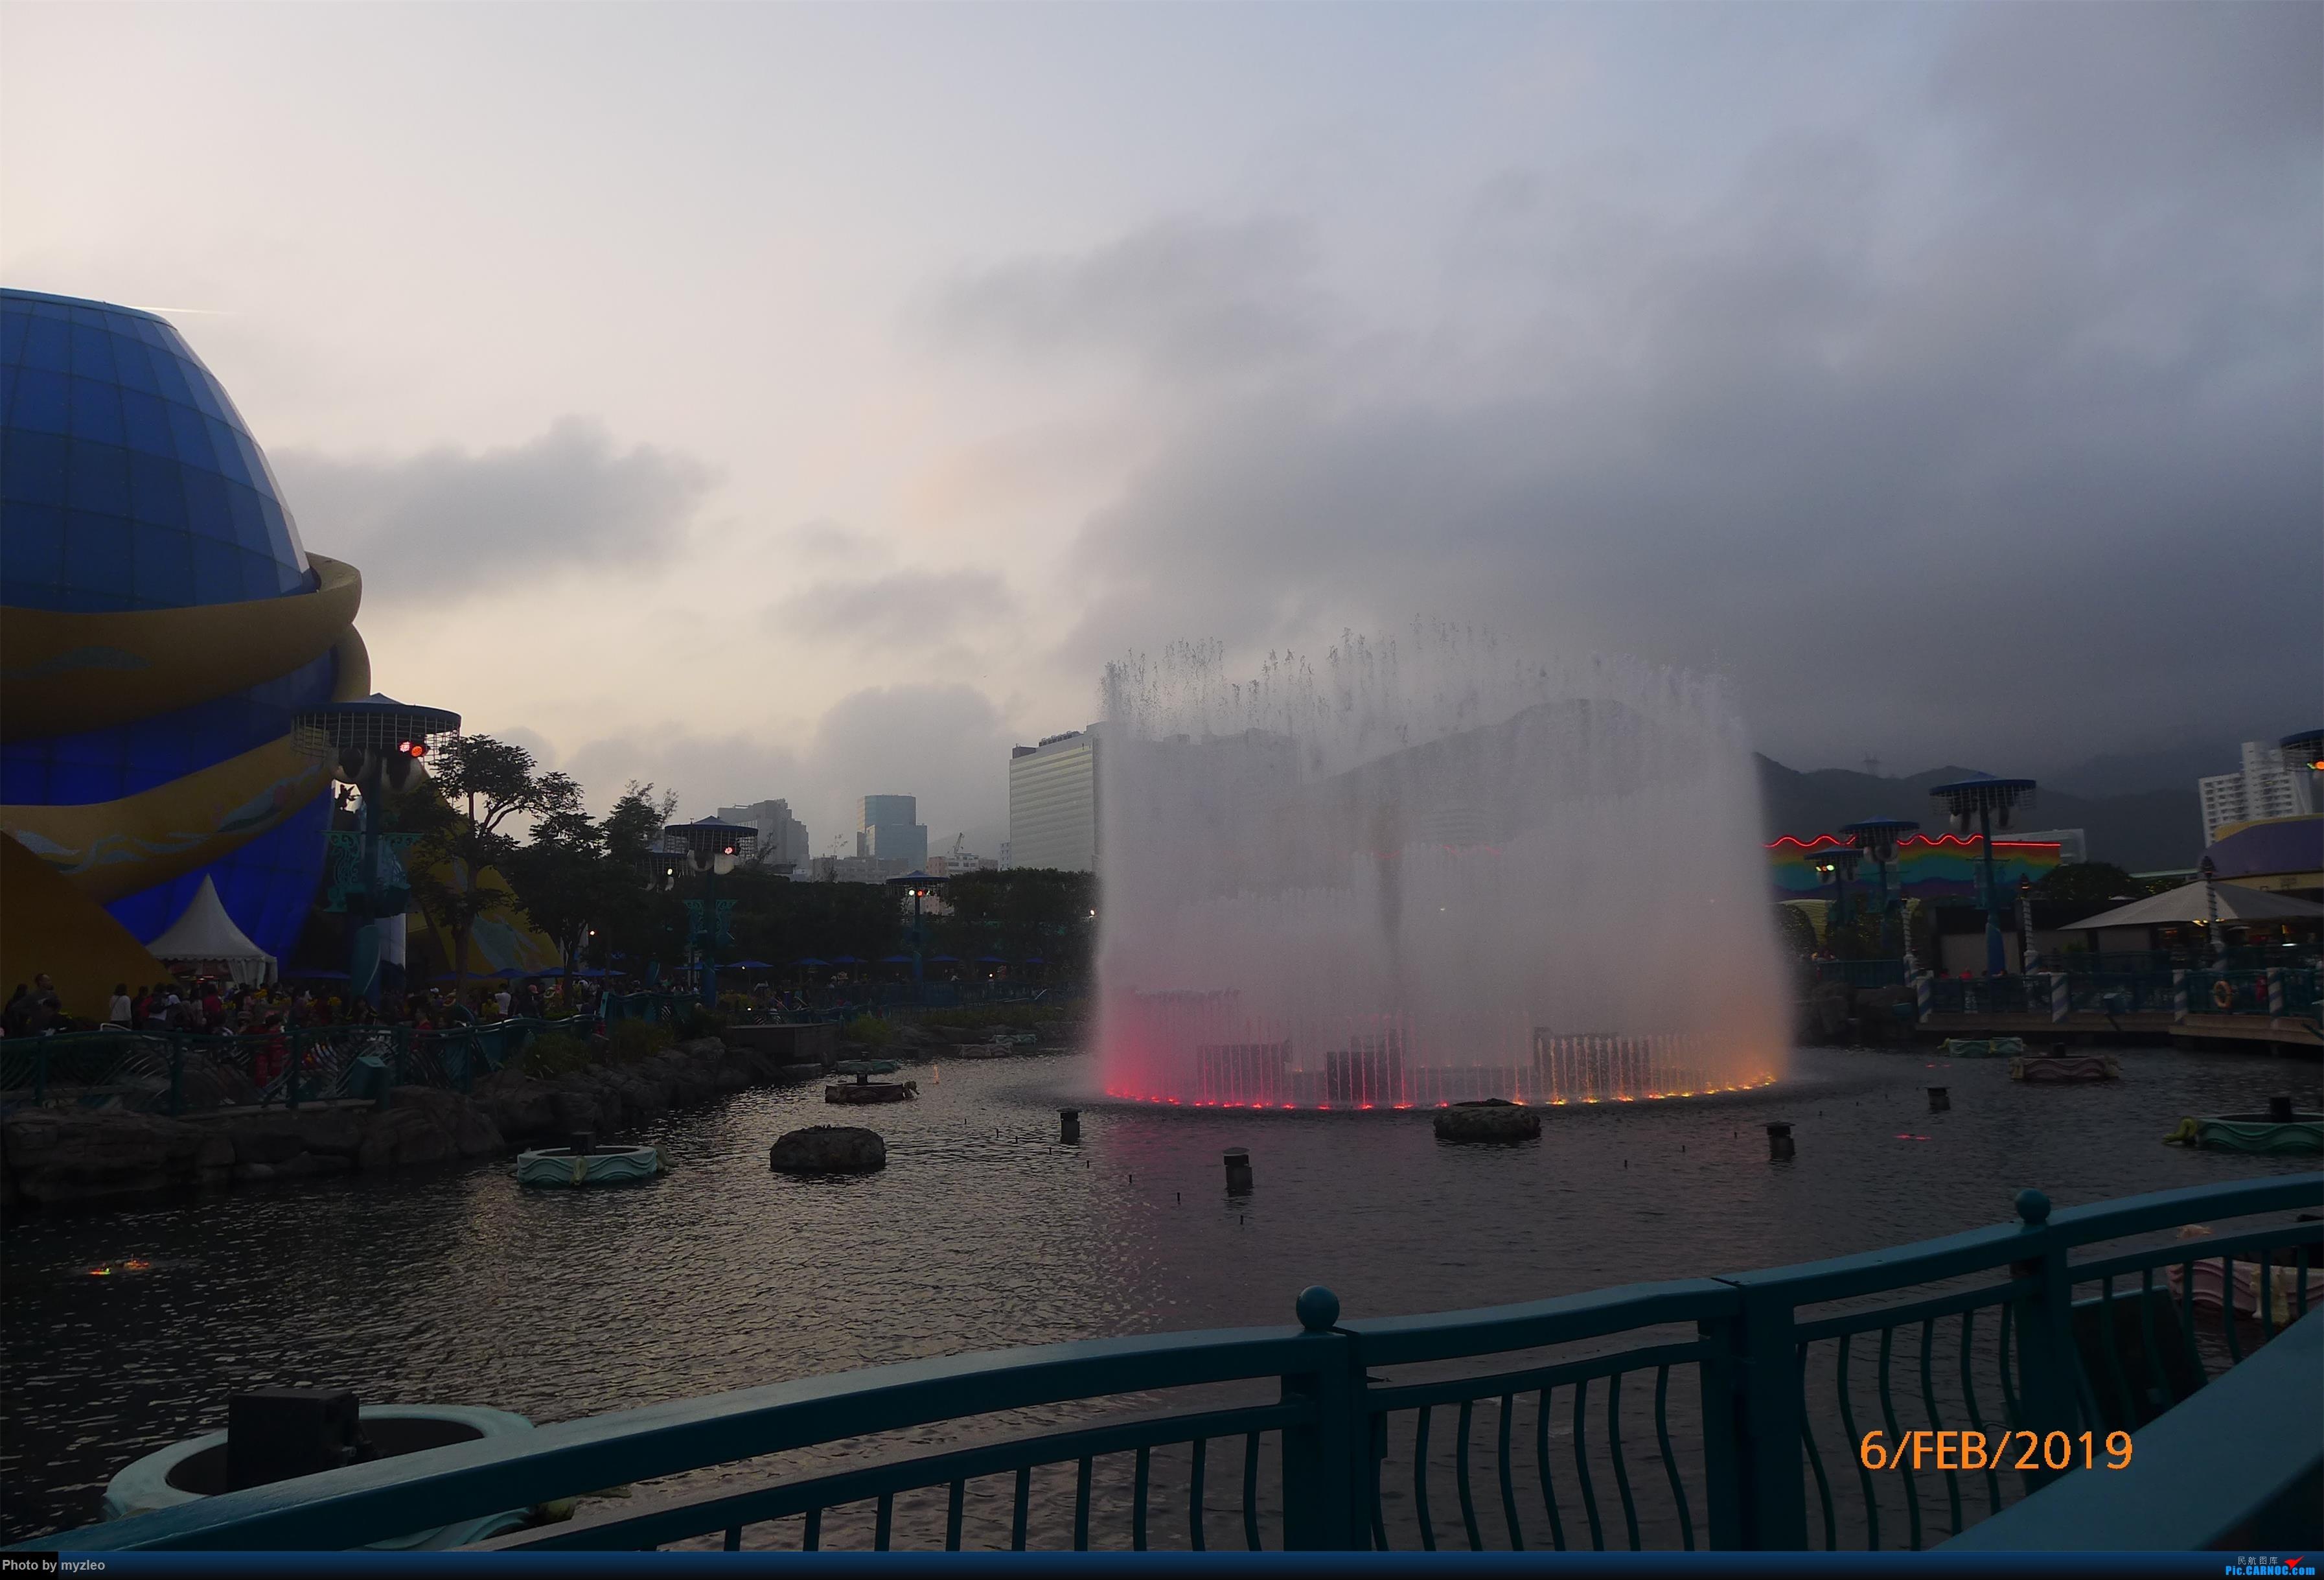 Re:[原创]【myzleo的游记4.3】十年之约(3)海洋公园故地重游,晚上再游维港